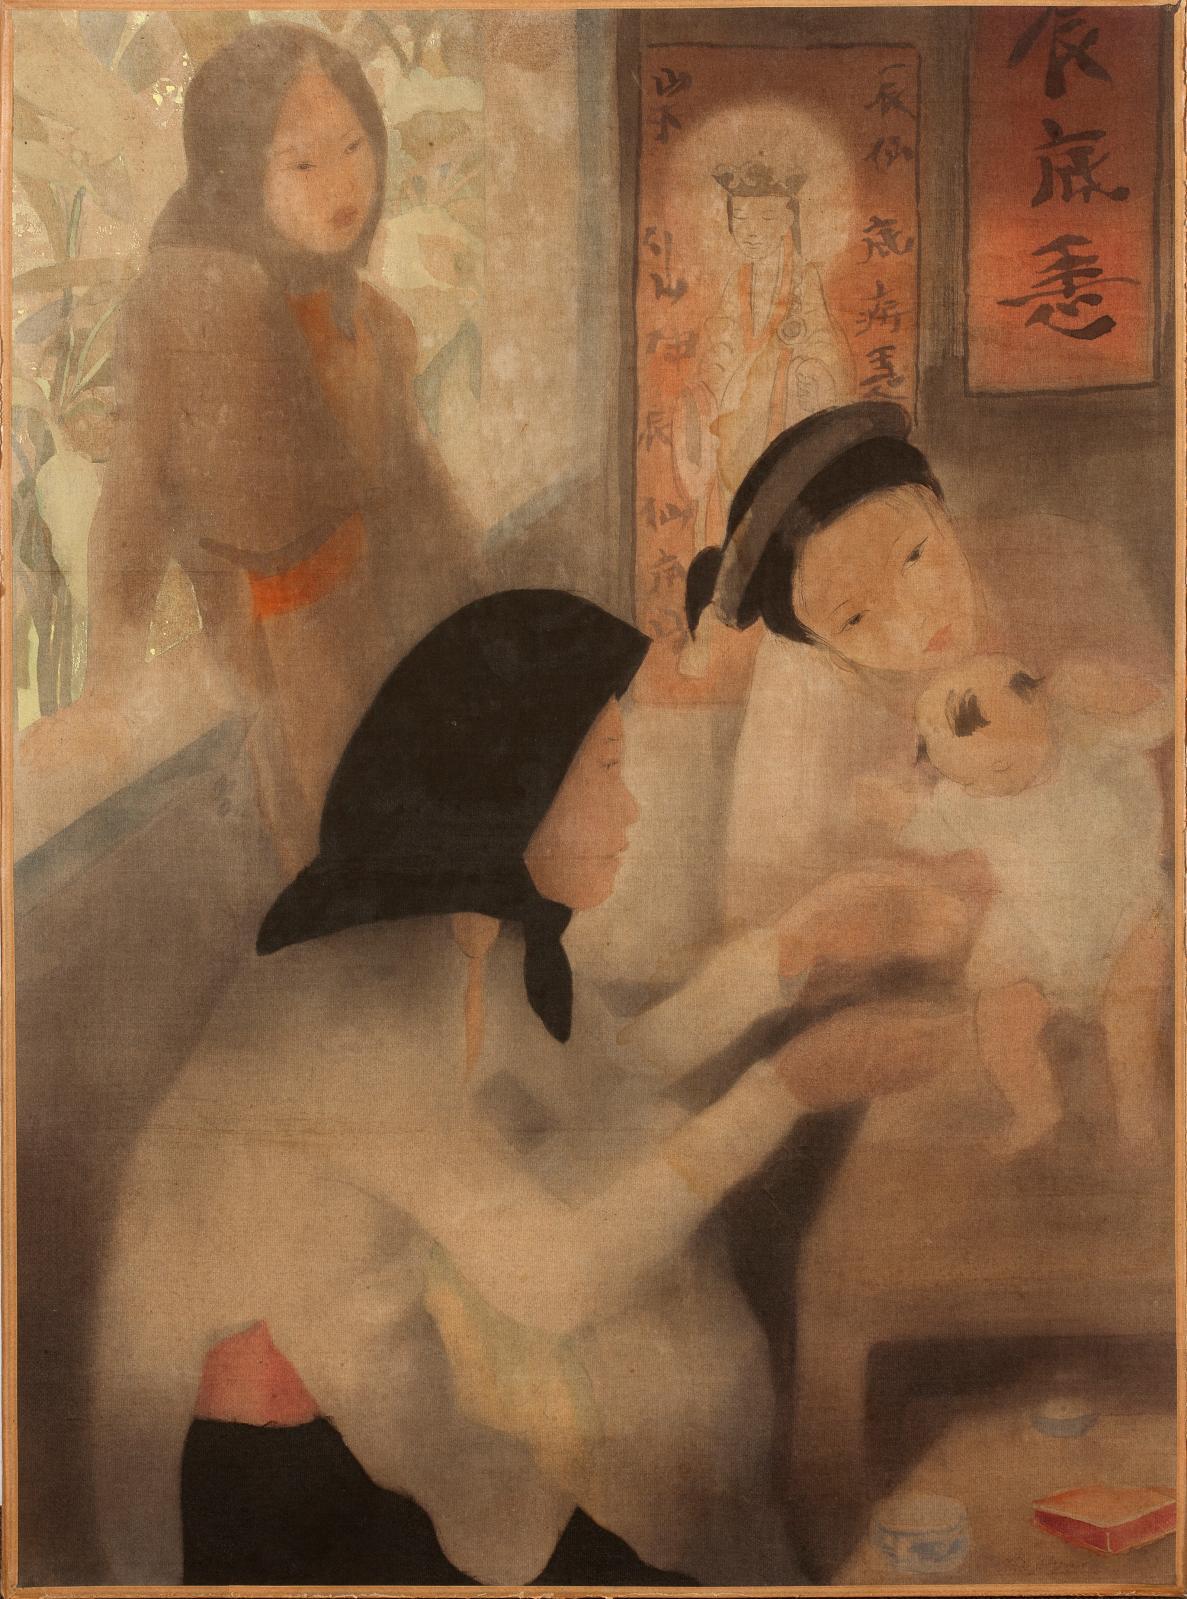 Assez atypique dans l'art d'Alix Aymé(1894-1989), cette œuvre délicate (51x38cm) retenait 50700€. Son sujet des plus séduisants, Les